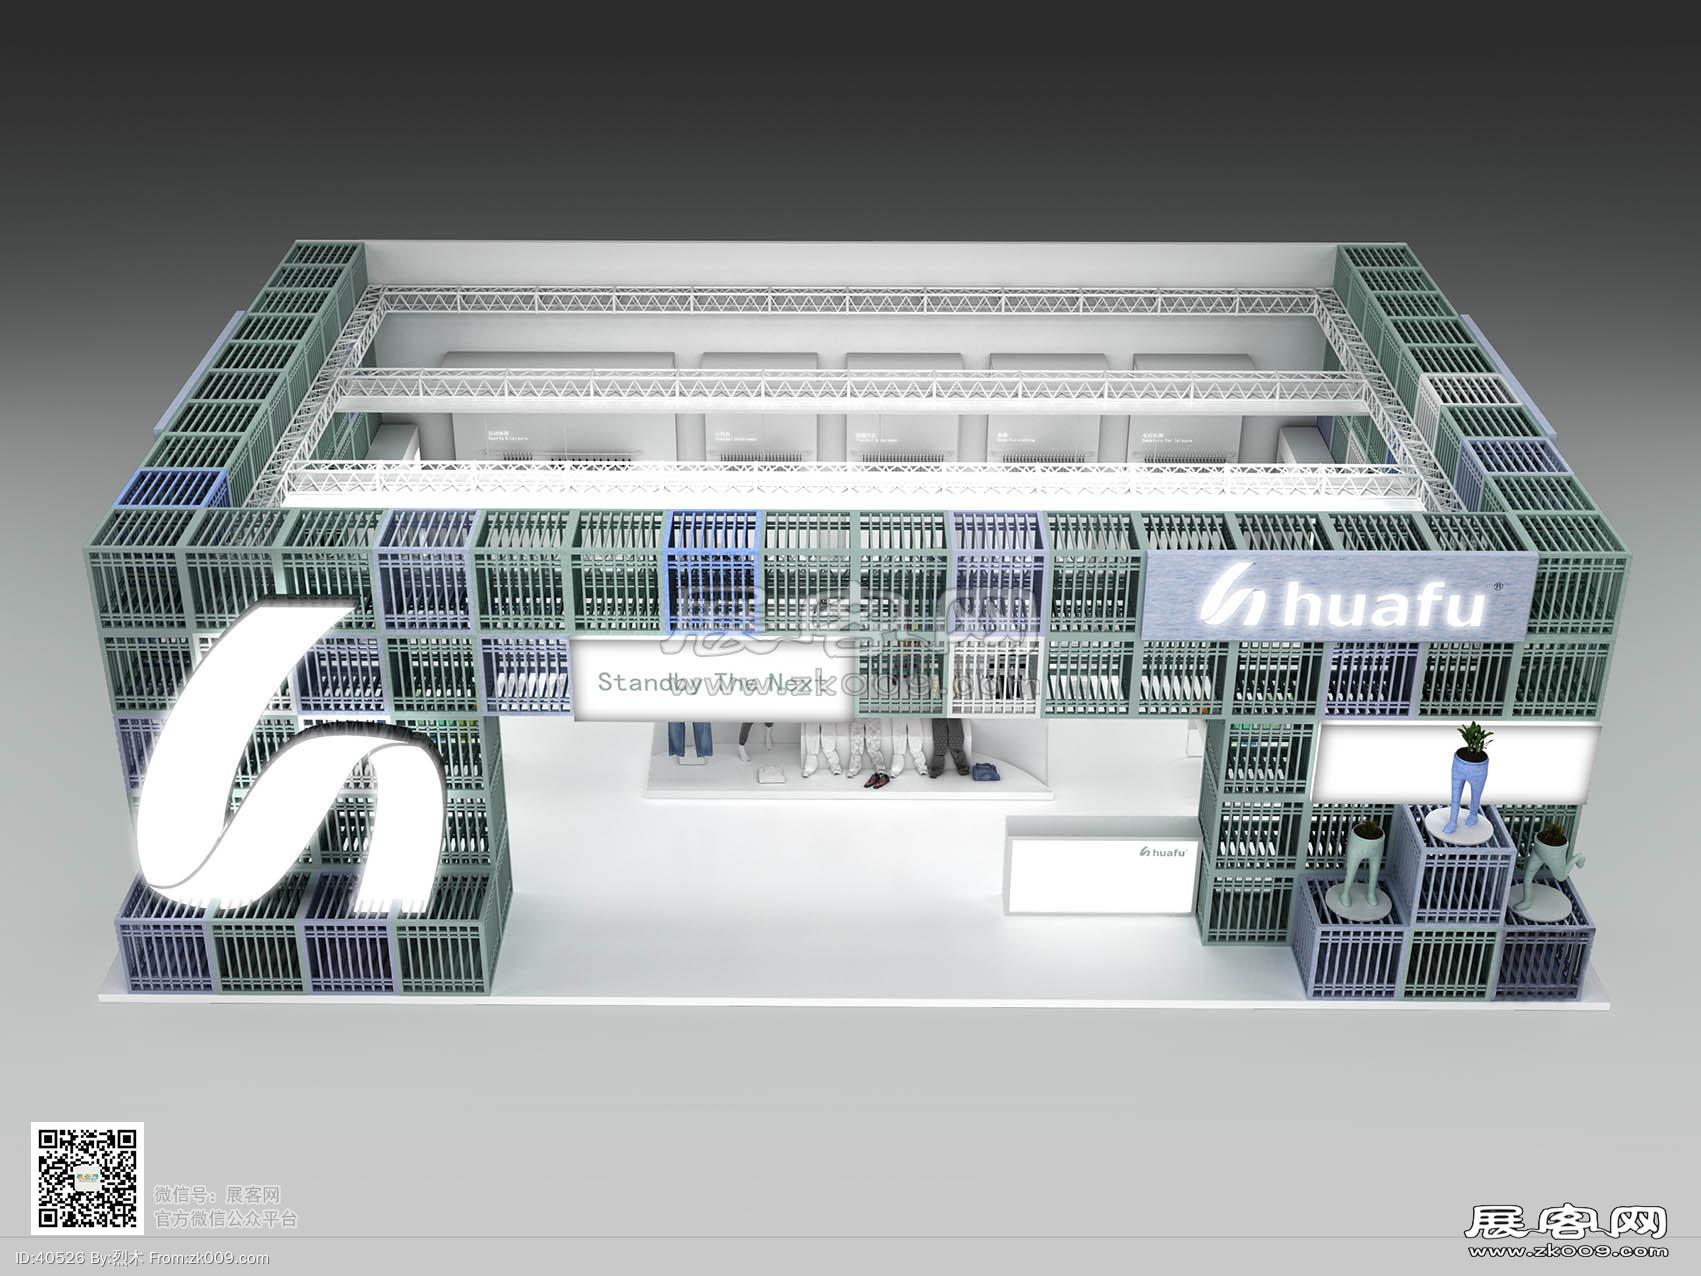 huahu華孚展覽模型